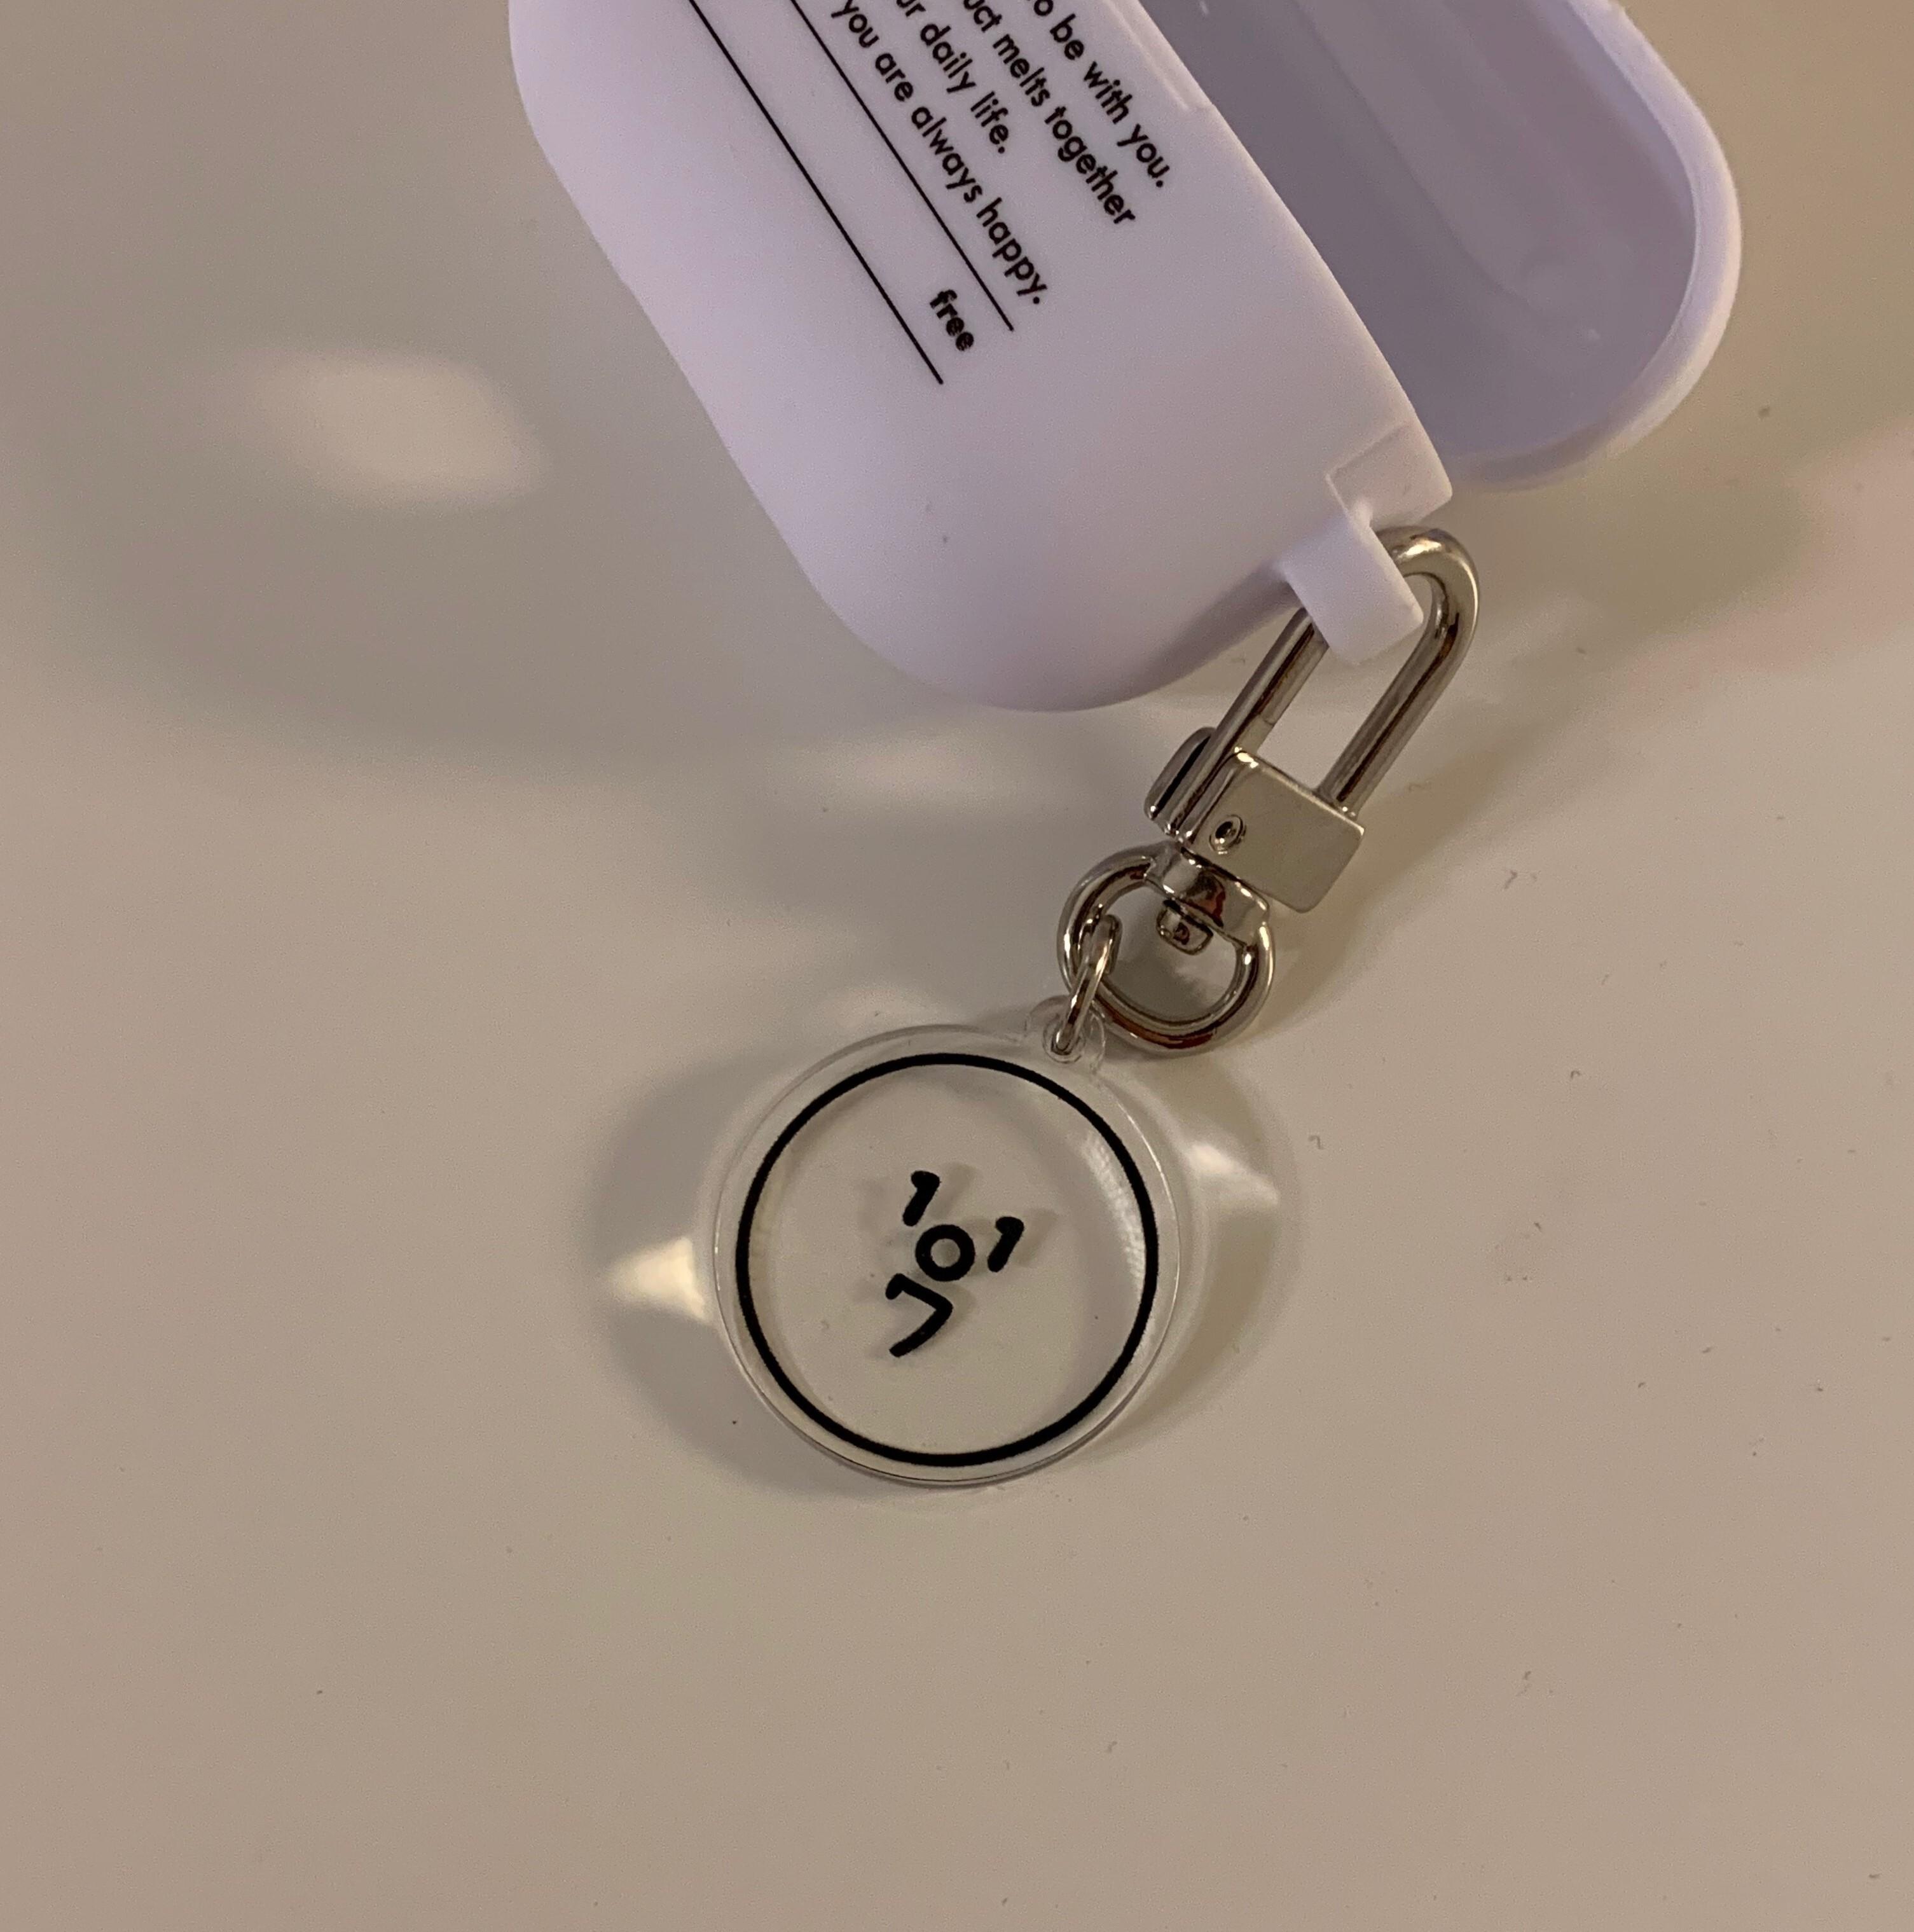 新色追加![OA-47] ミニキーホルダー(1107ロゴ)全2色